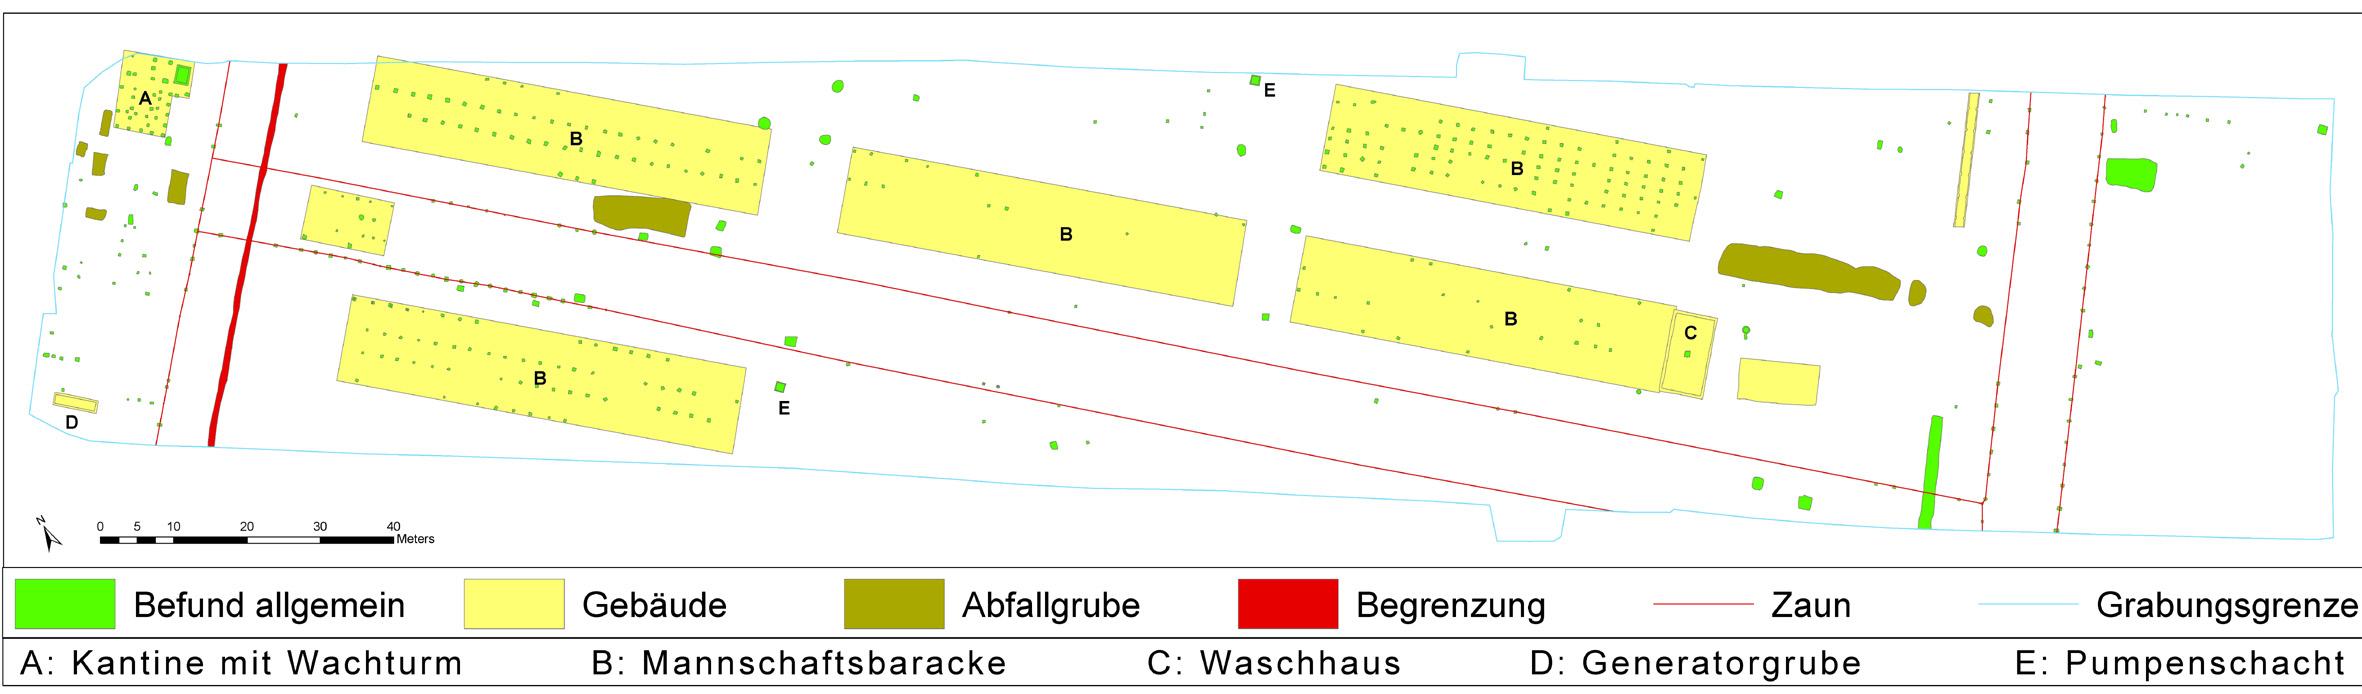 Plan des fouilles